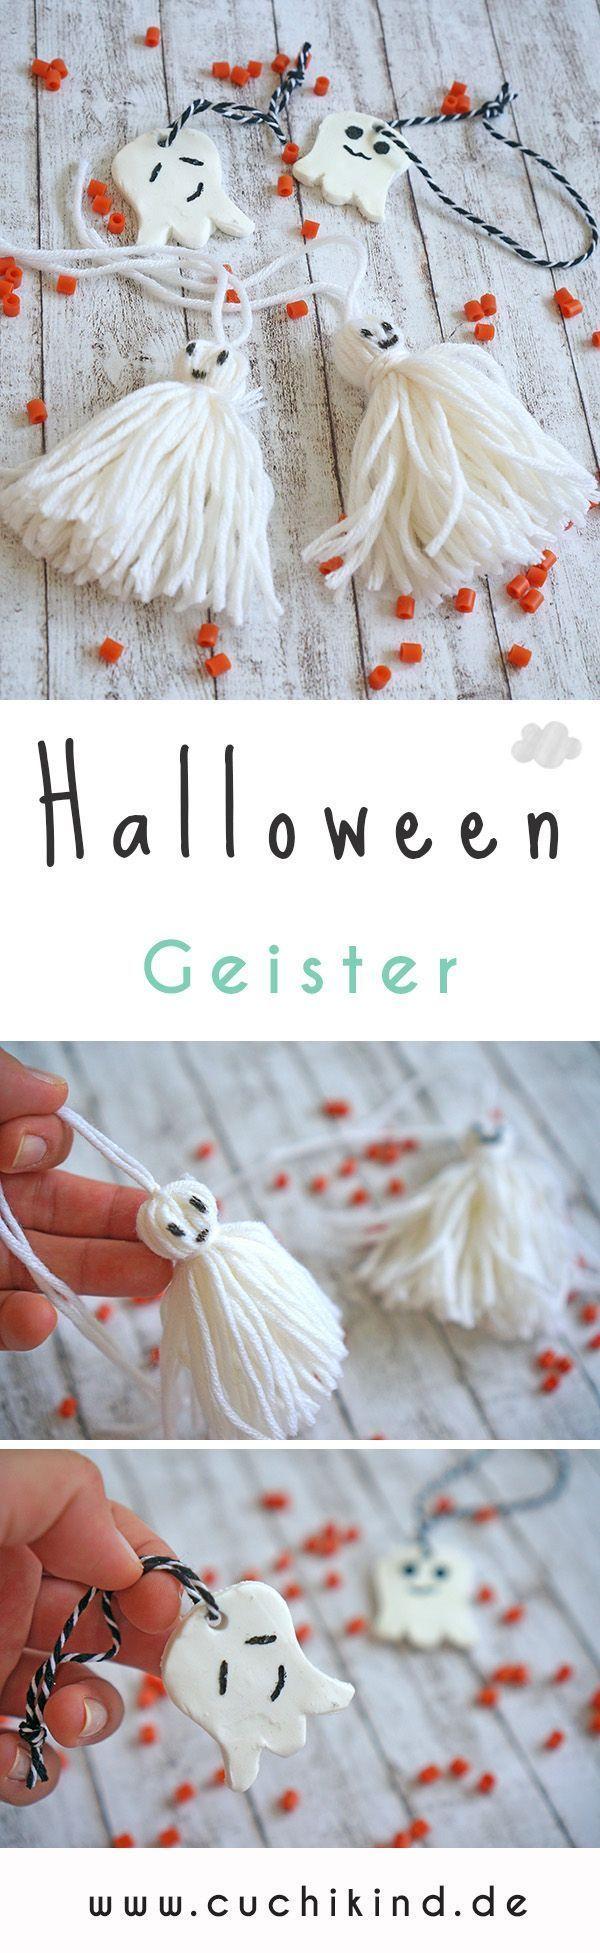 Video-Tutorials: Halloween-Geister basteln - Cuchikind #geisterbasteln Halloween-Geister aus Wolle oder Fimo. Mit Video-Tutorial, Anleitung zum Nachmachen. Geht schnell und einfach auch mit Kindern. Die perfekte DIY-Halloween-Deko für die Halloweenparty. #bastelnmitkindern #halloween #geister #tutorial #video #geisterbasteln